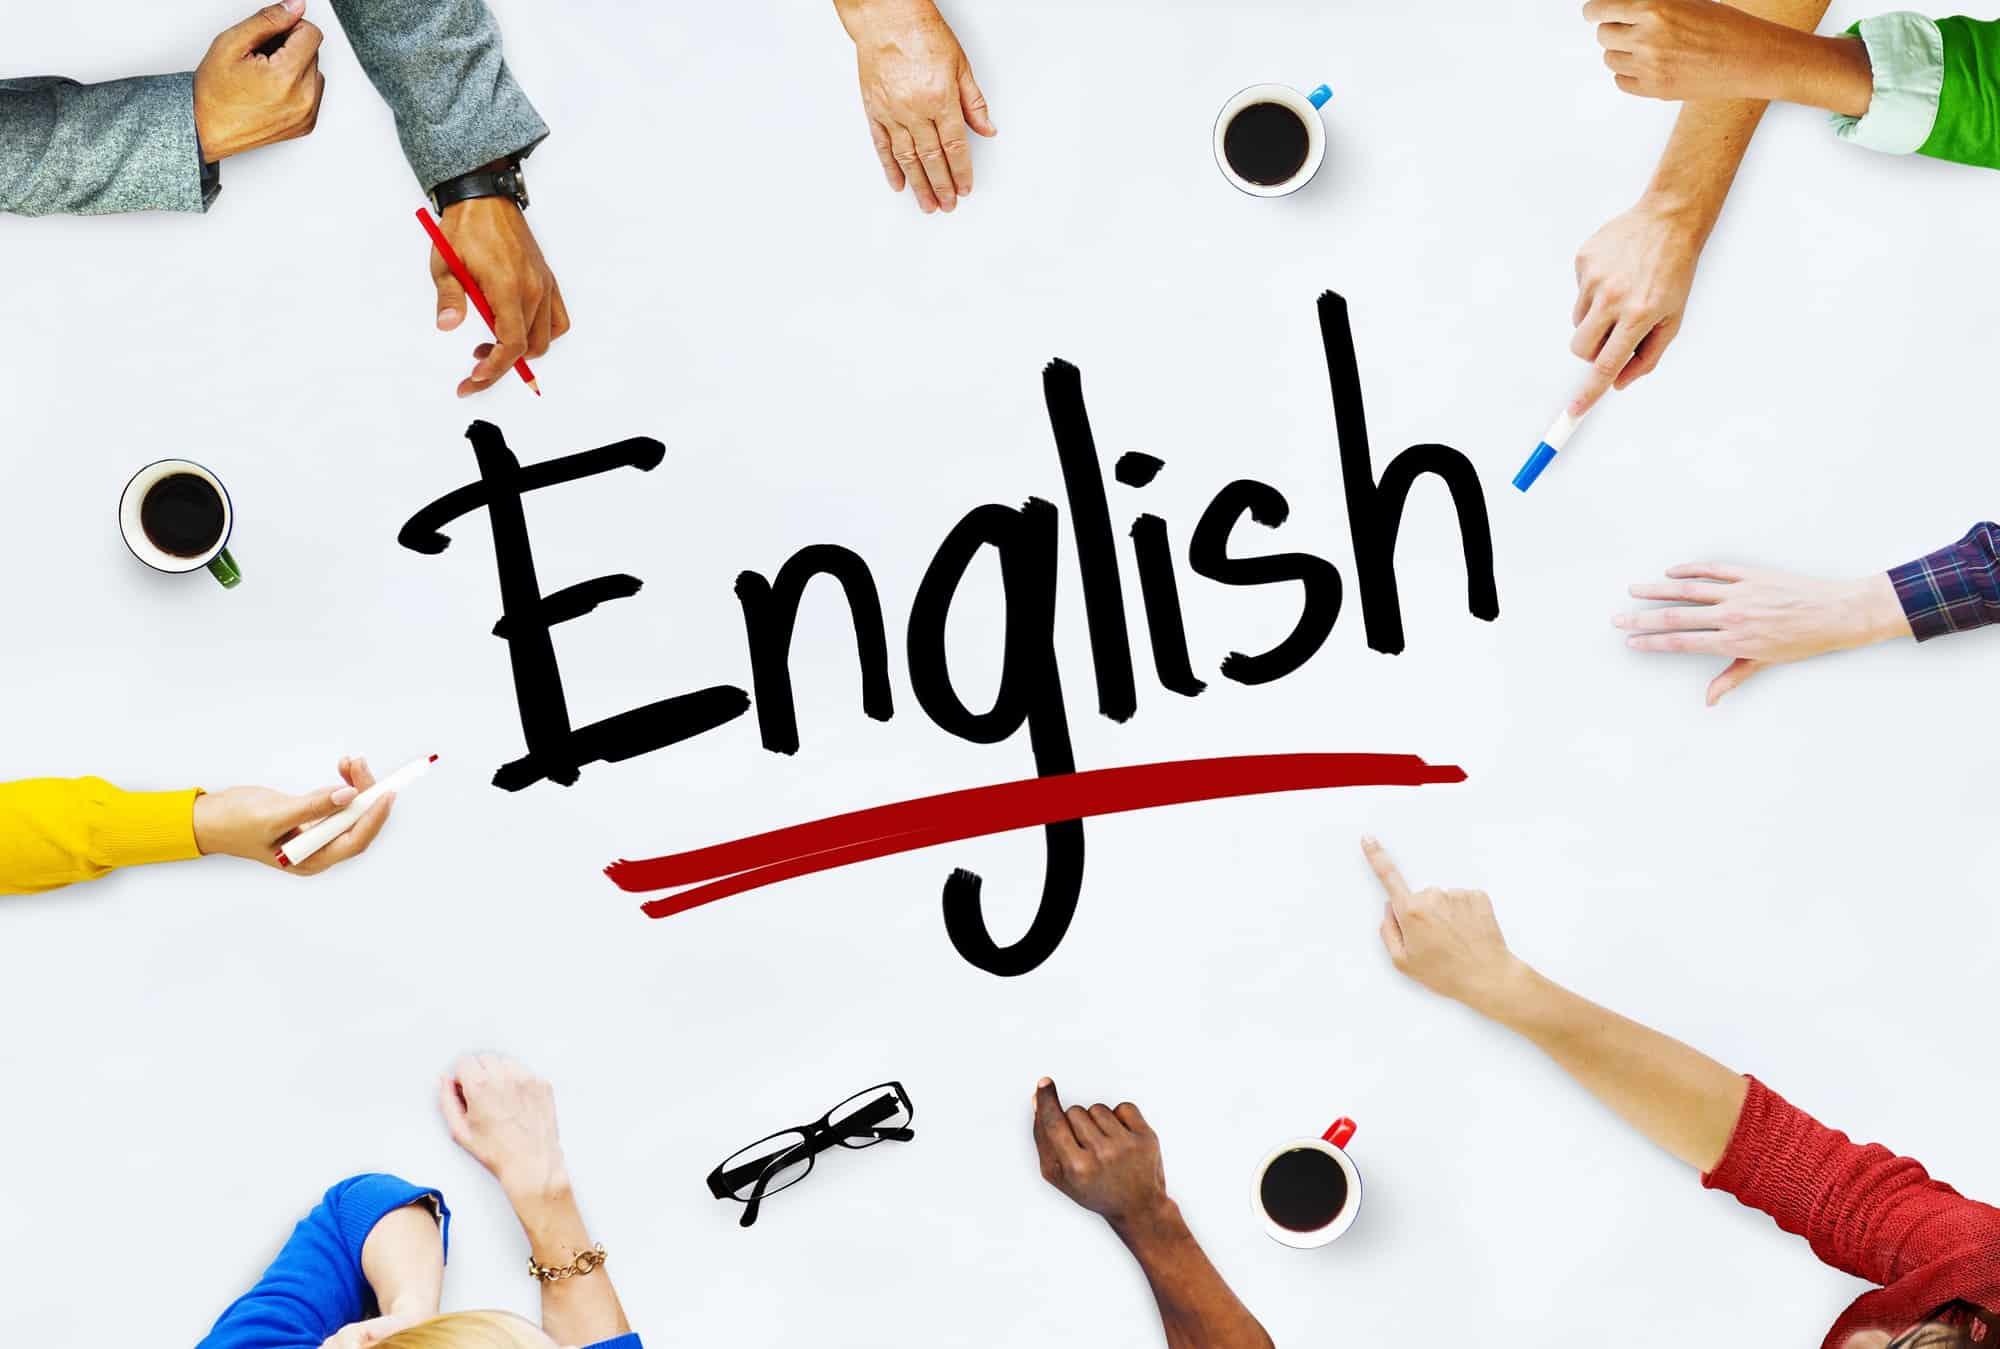 كلمات انجليزية شائعة